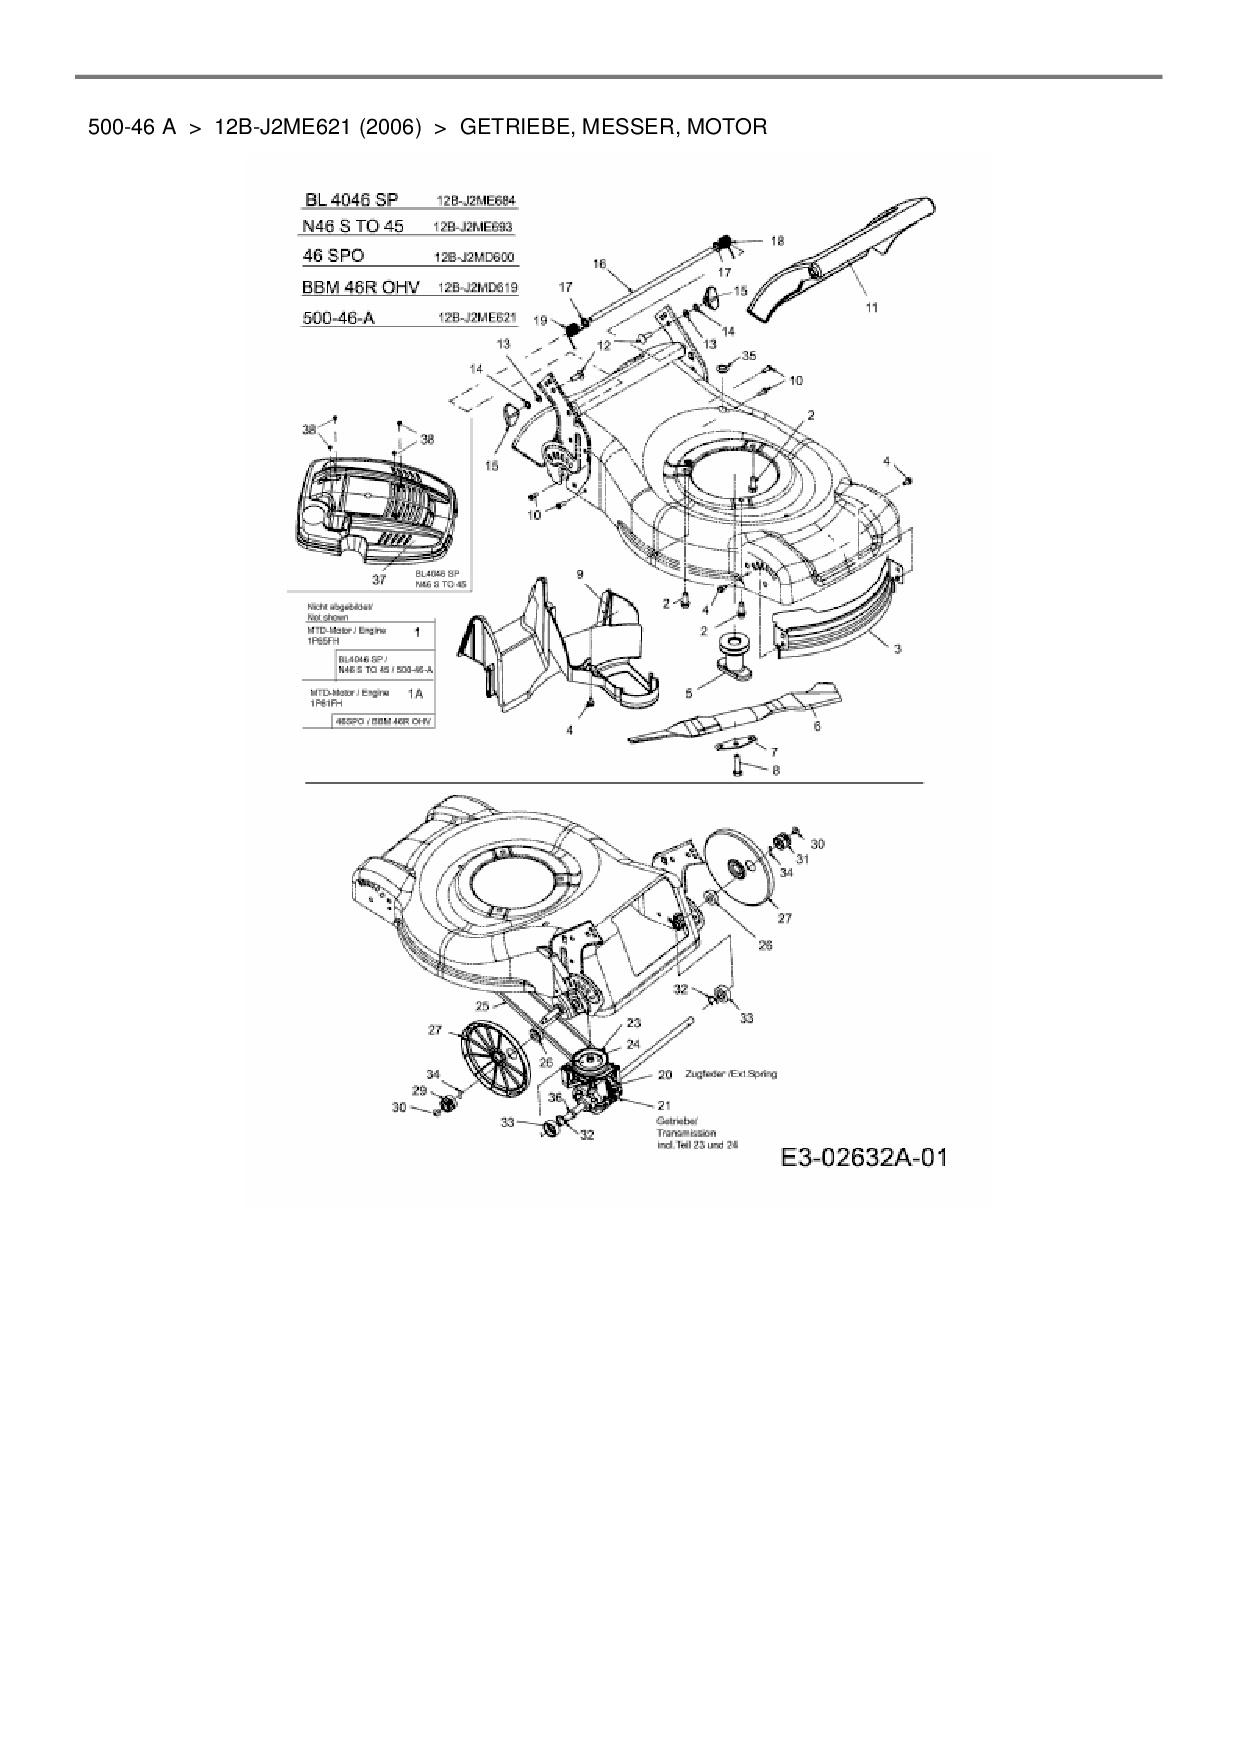 ersatzteile von hanseatic motorm her mit antrieb 500 46 a. Black Bedroom Furniture Sets. Home Design Ideas